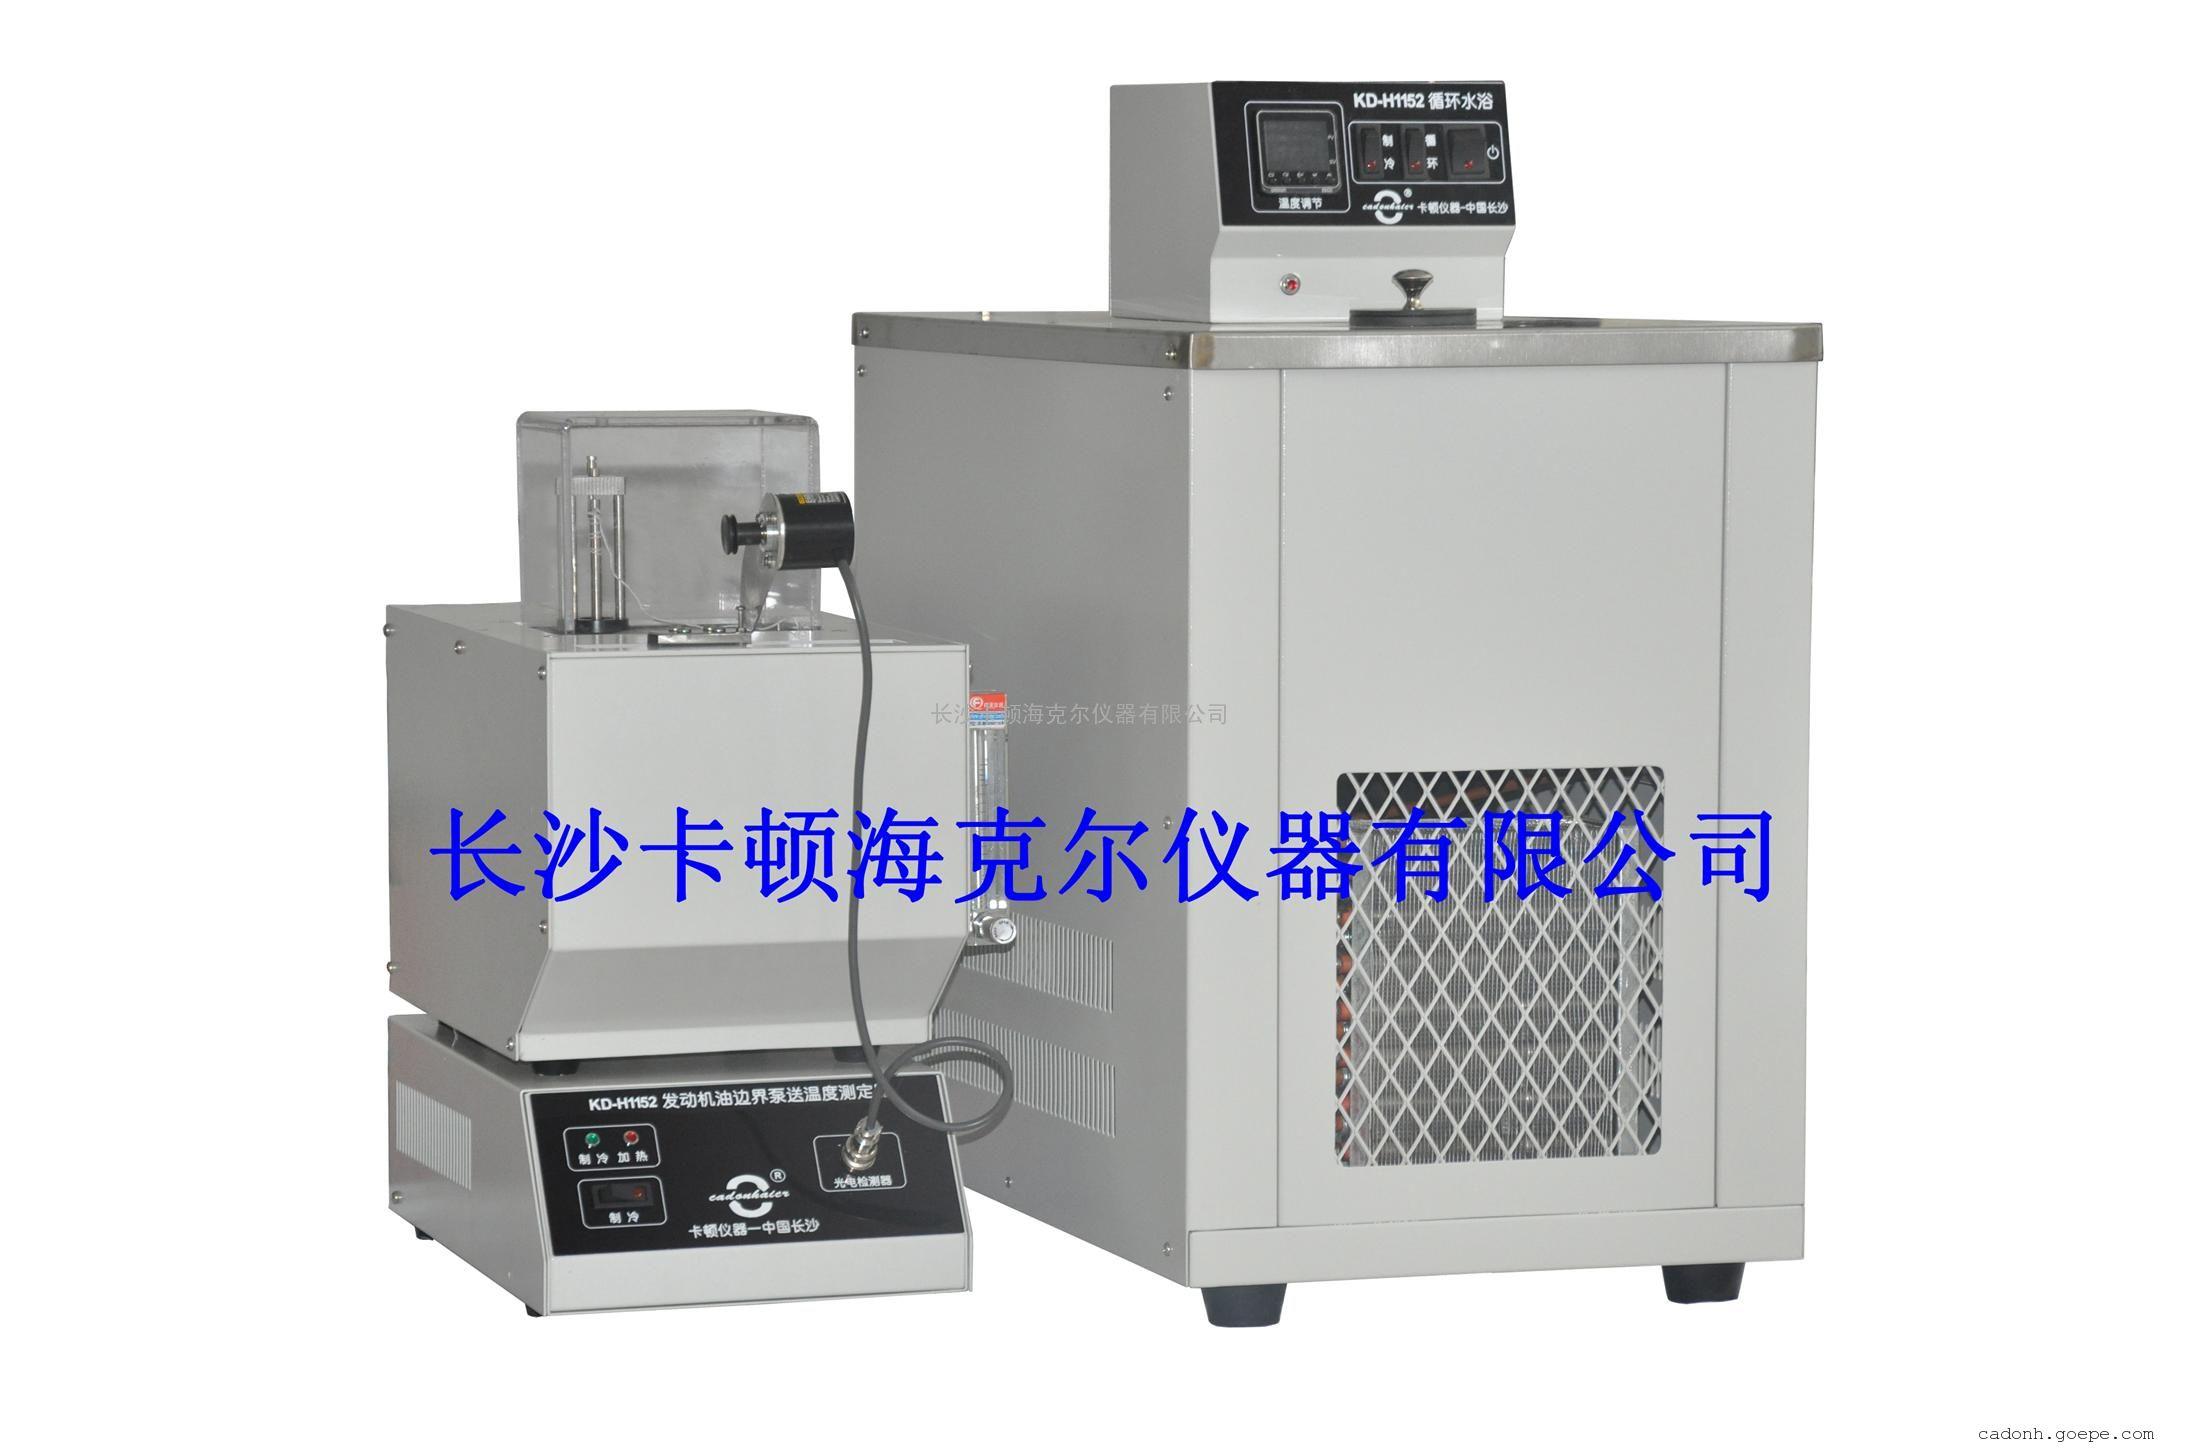 GB/T 9171全自动发动机油边界泵送温度测定器(MRV)